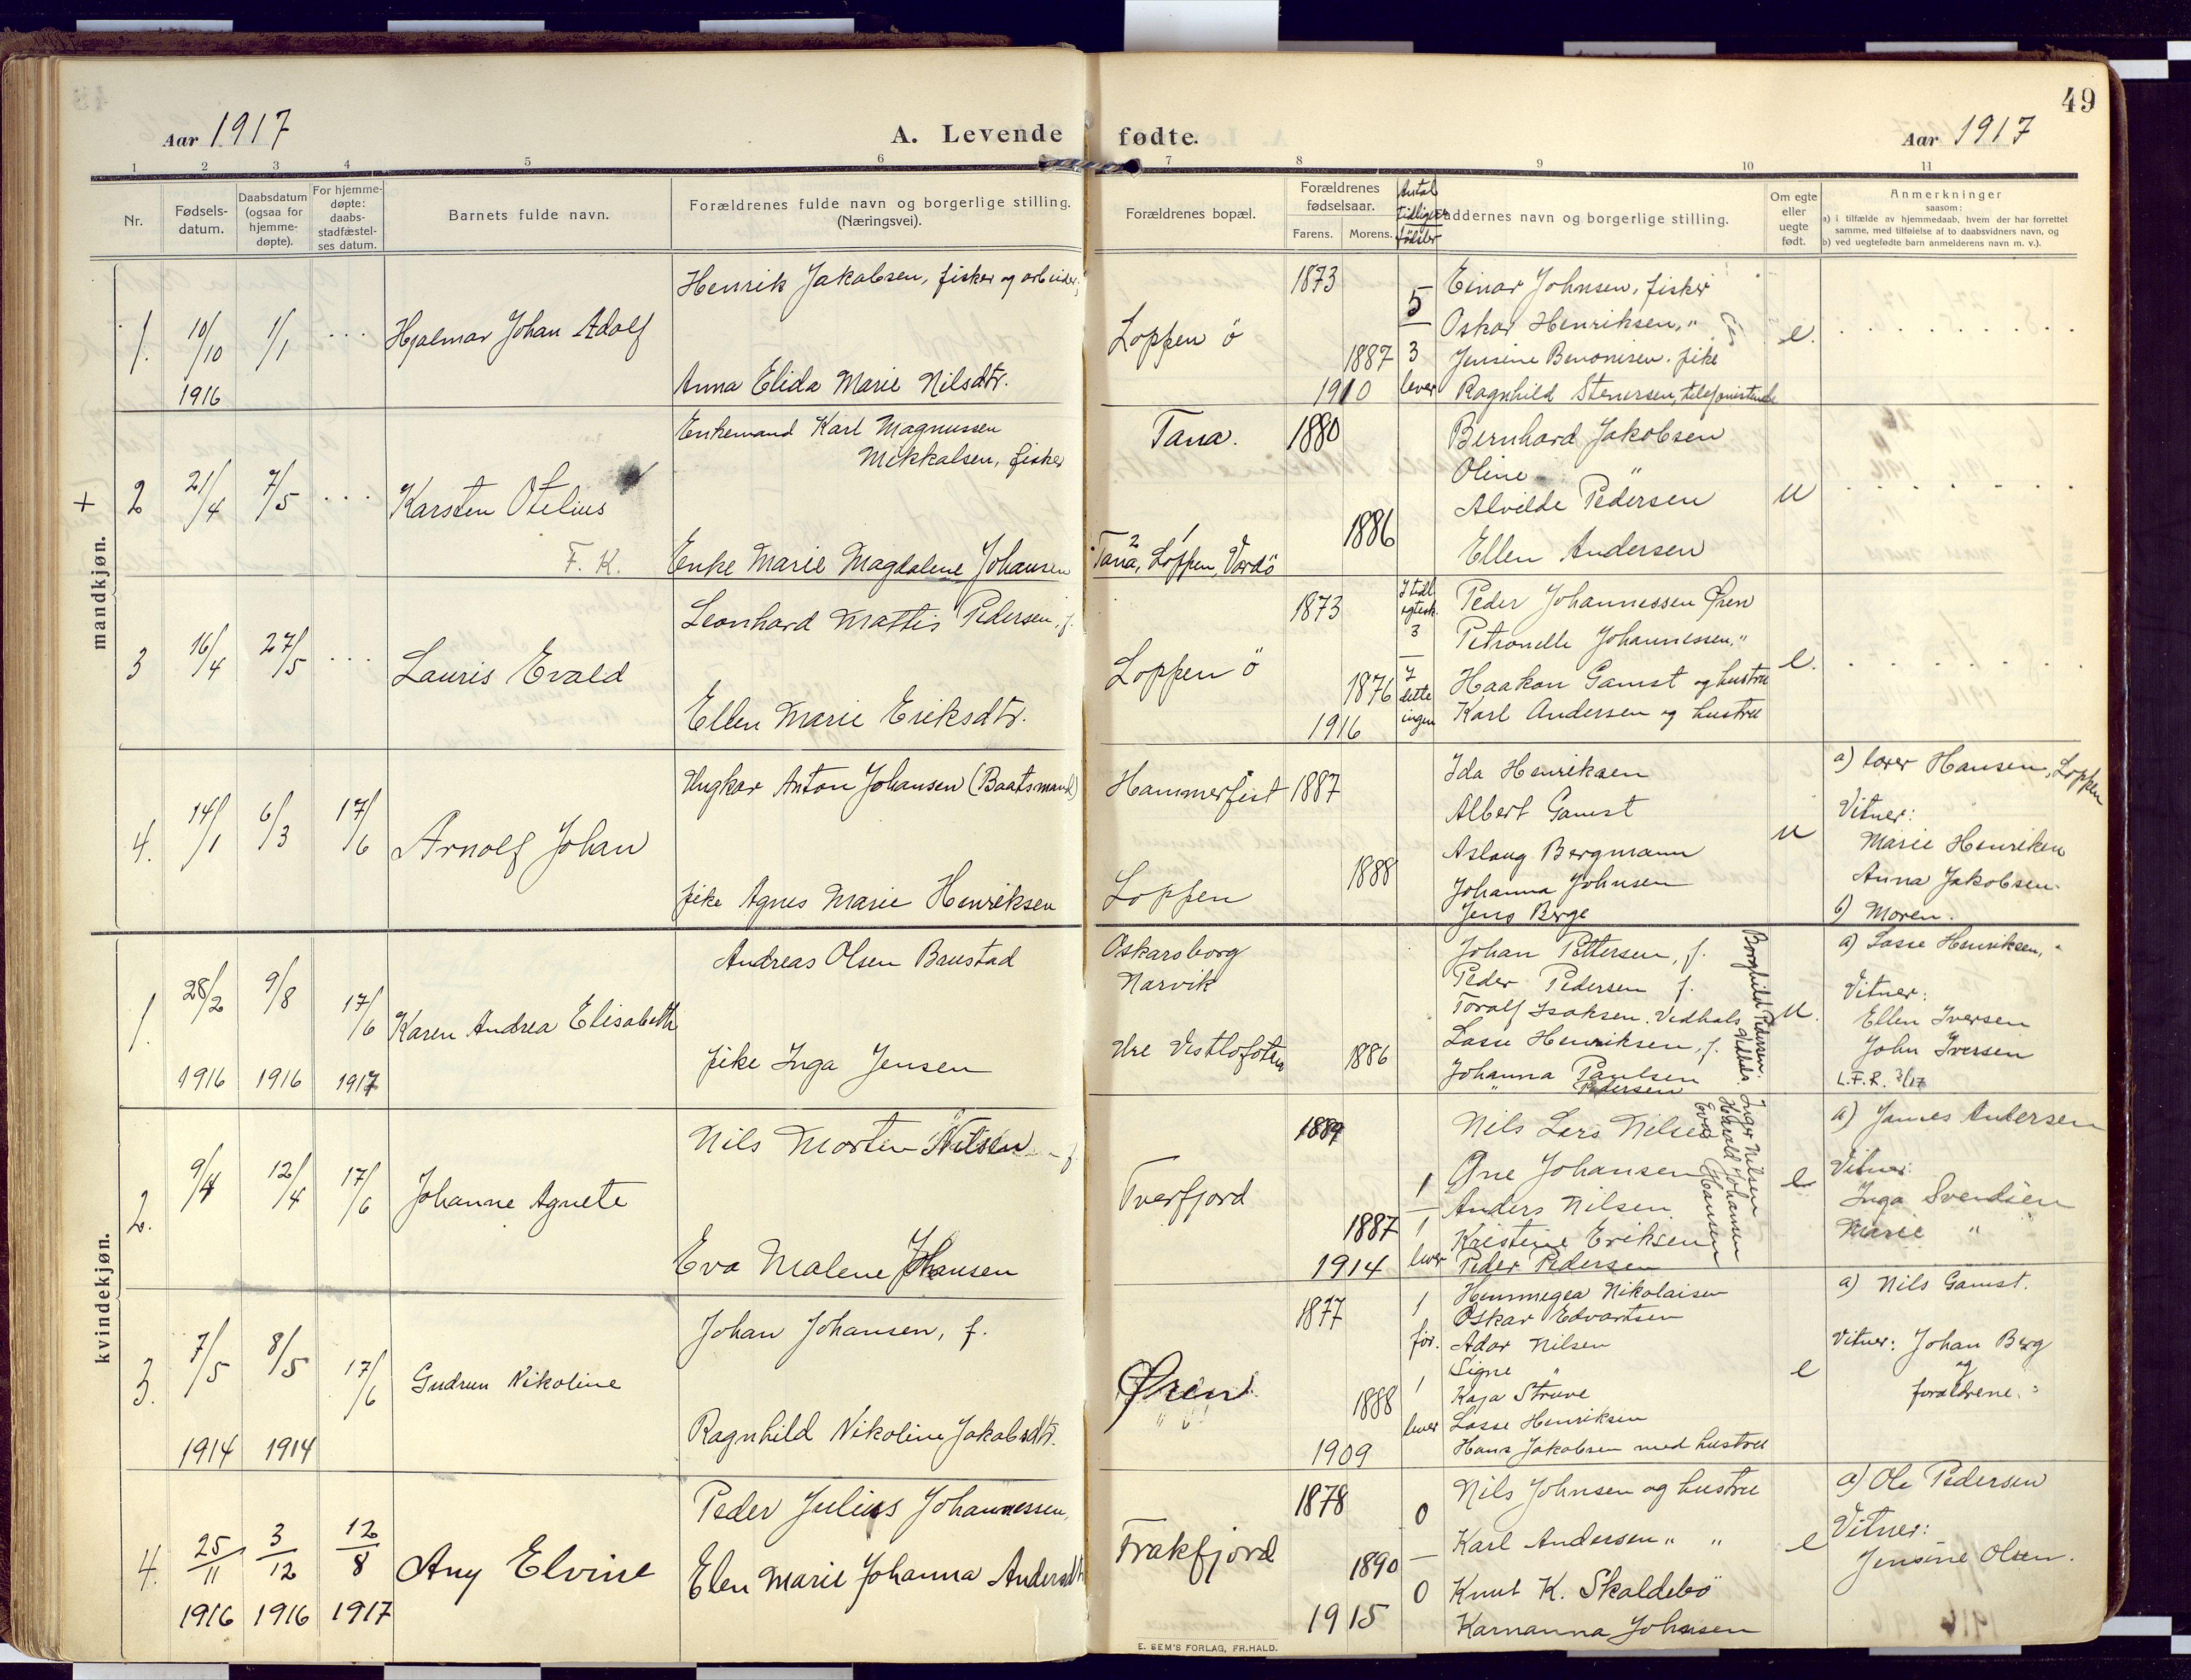 SATØ, Loppa sokneprestkontor, H/Ha/L0011kirke: Ministerialbok nr. 11, 1909-1919, s. 49